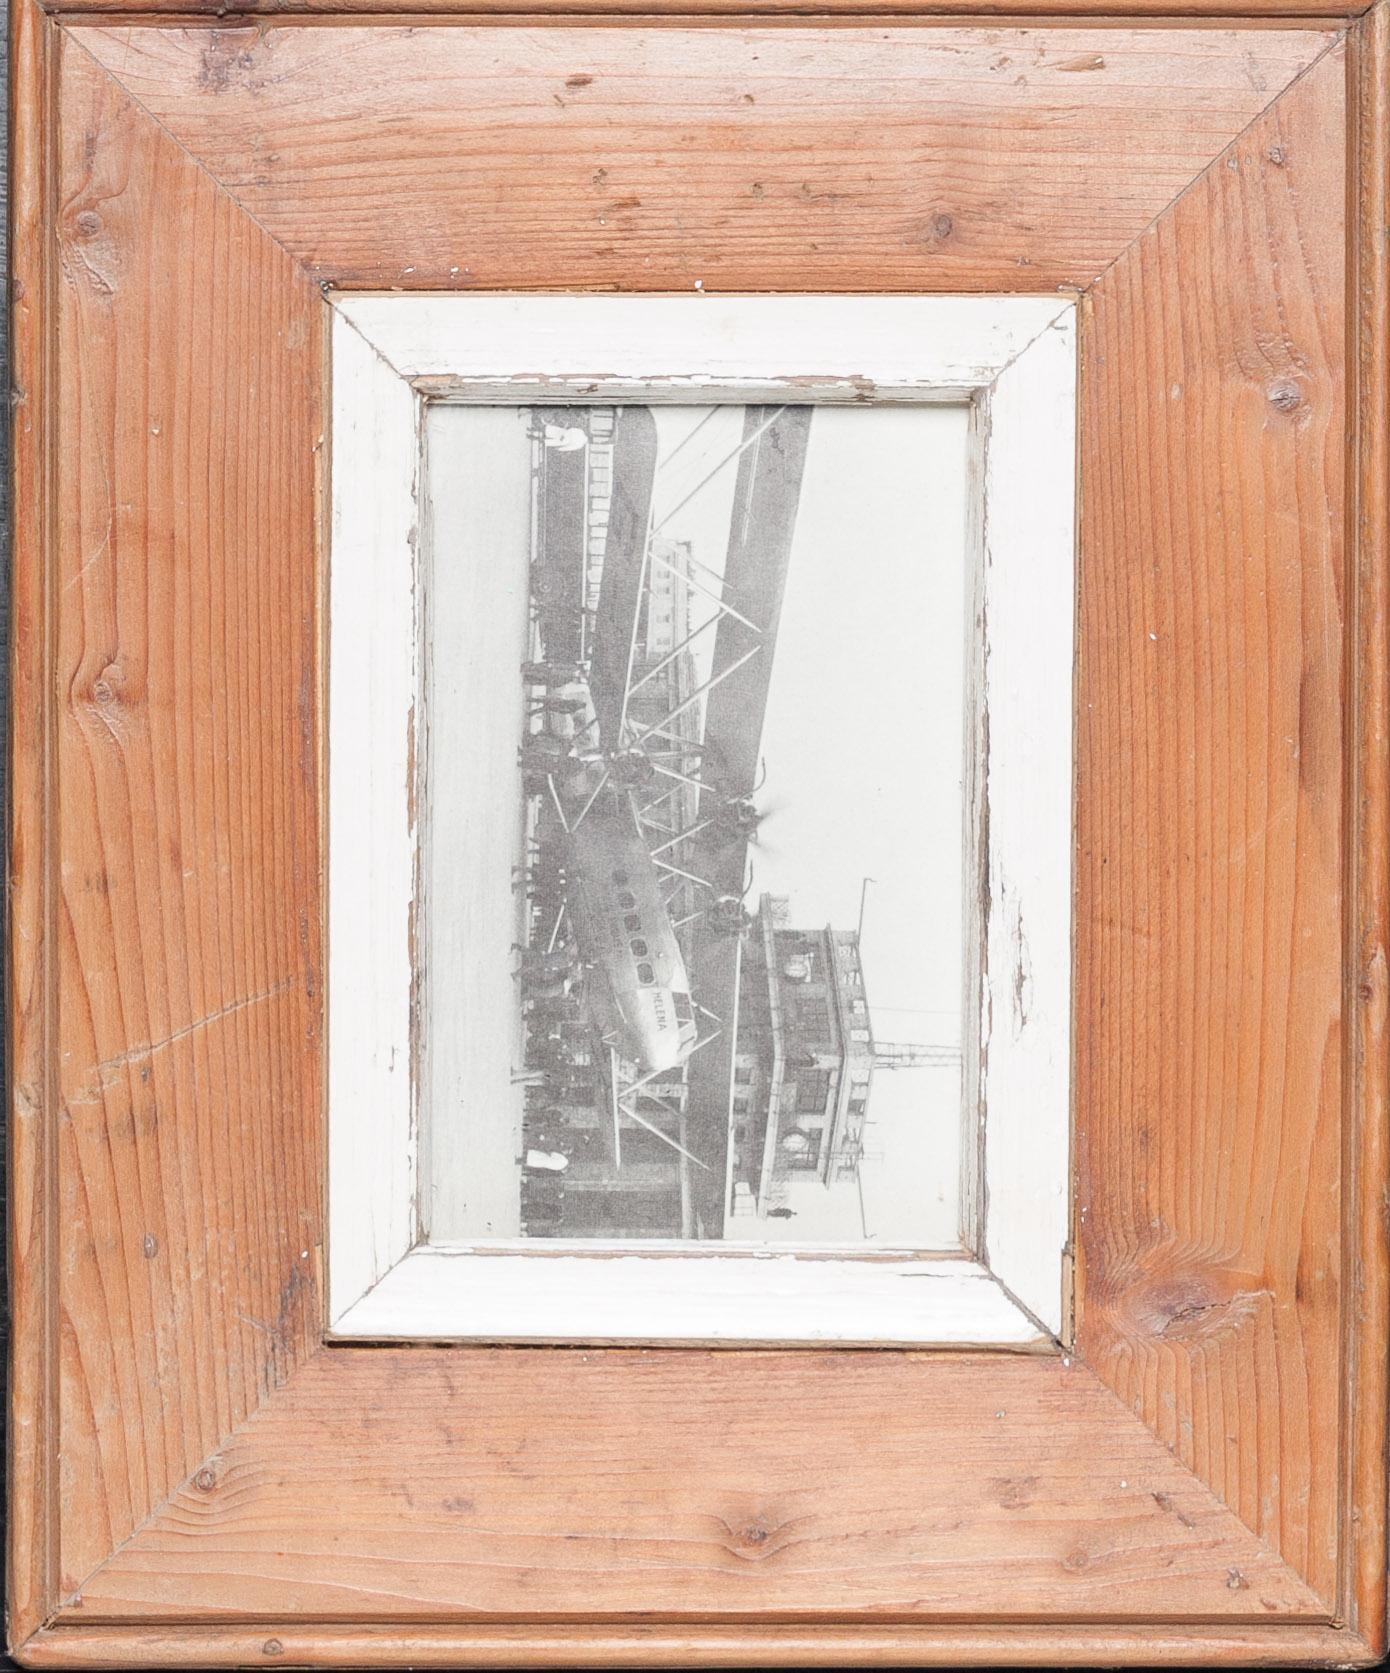 Holzrahmen für kleine Fotos